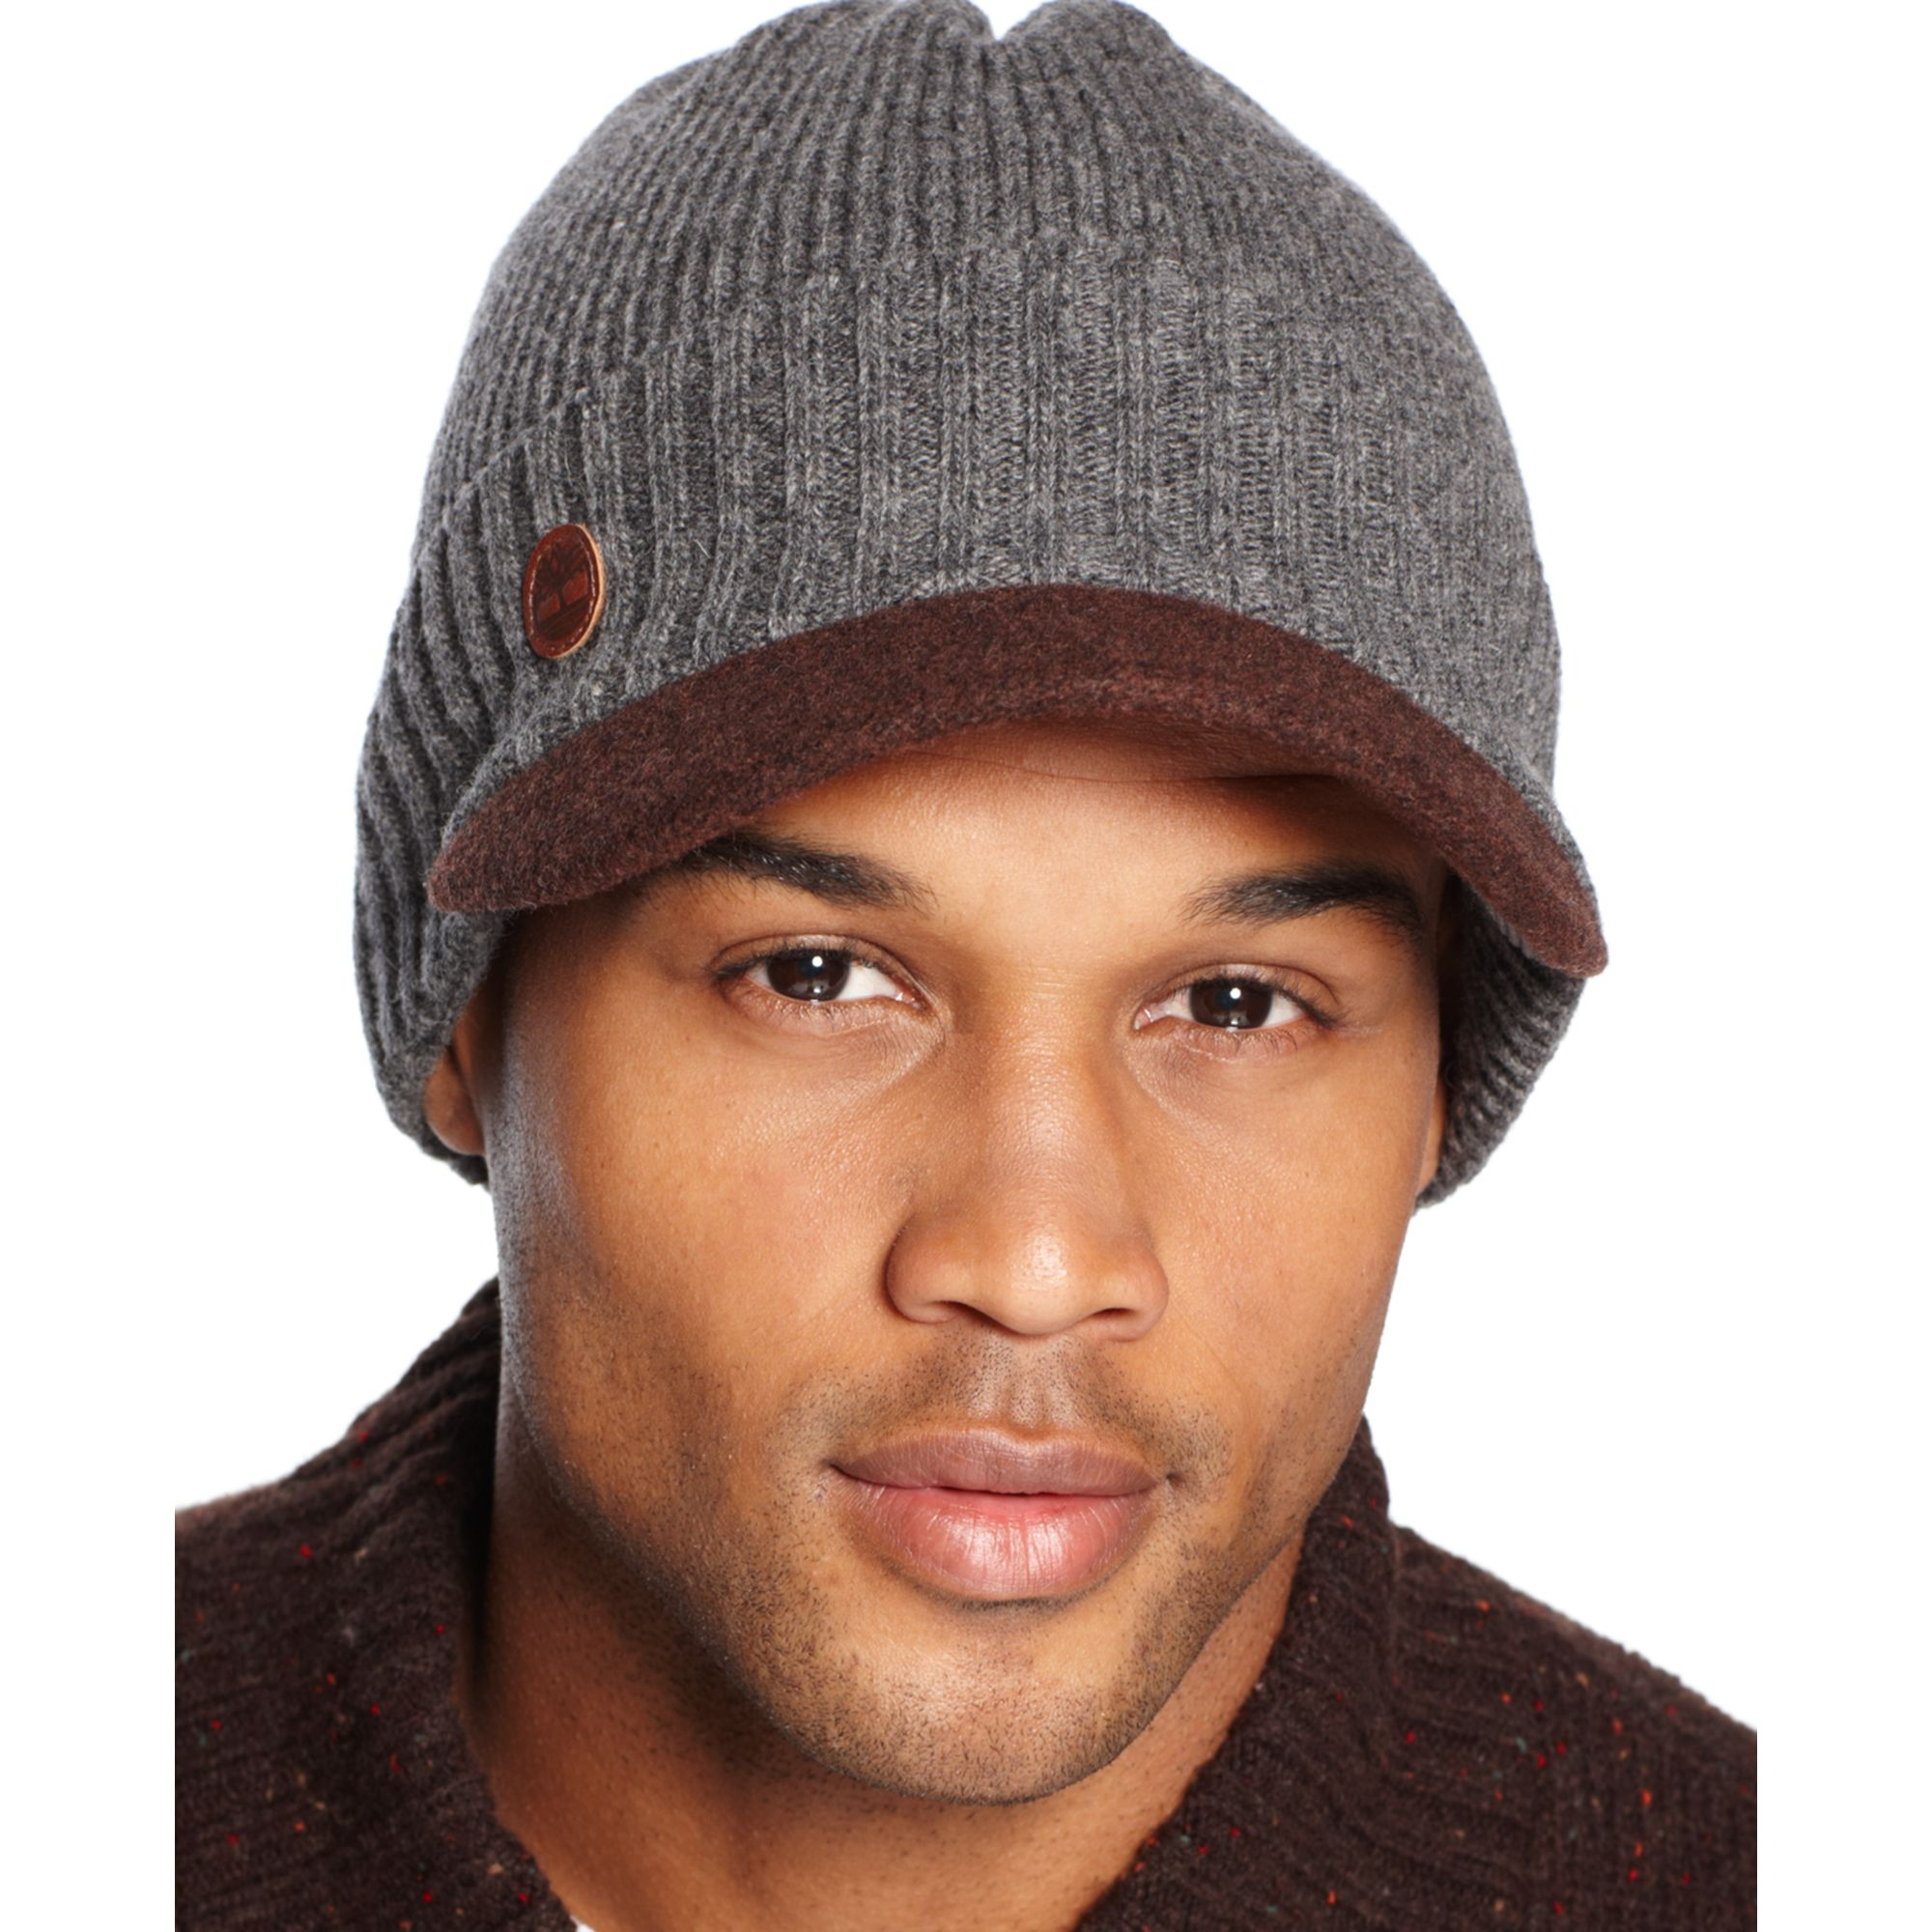 Lyst - Timberland Wool Visor Beanie in Gray for Men edc74b58fd5